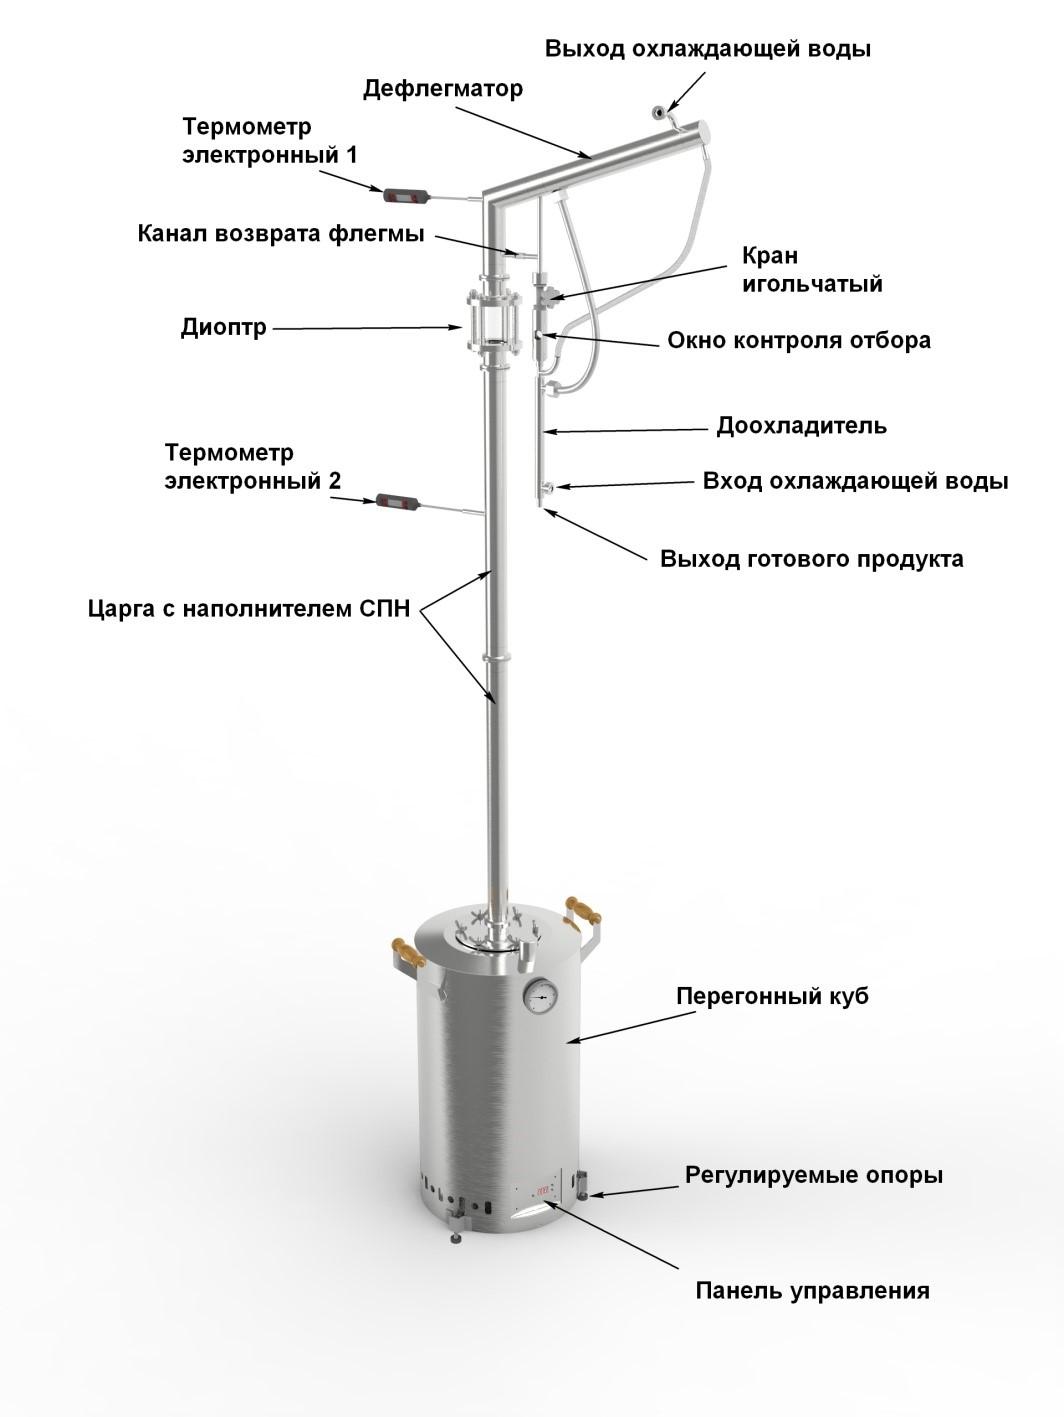 Устройство ректификационной колонны АЛКОВАР 38 (компьютерная модель)